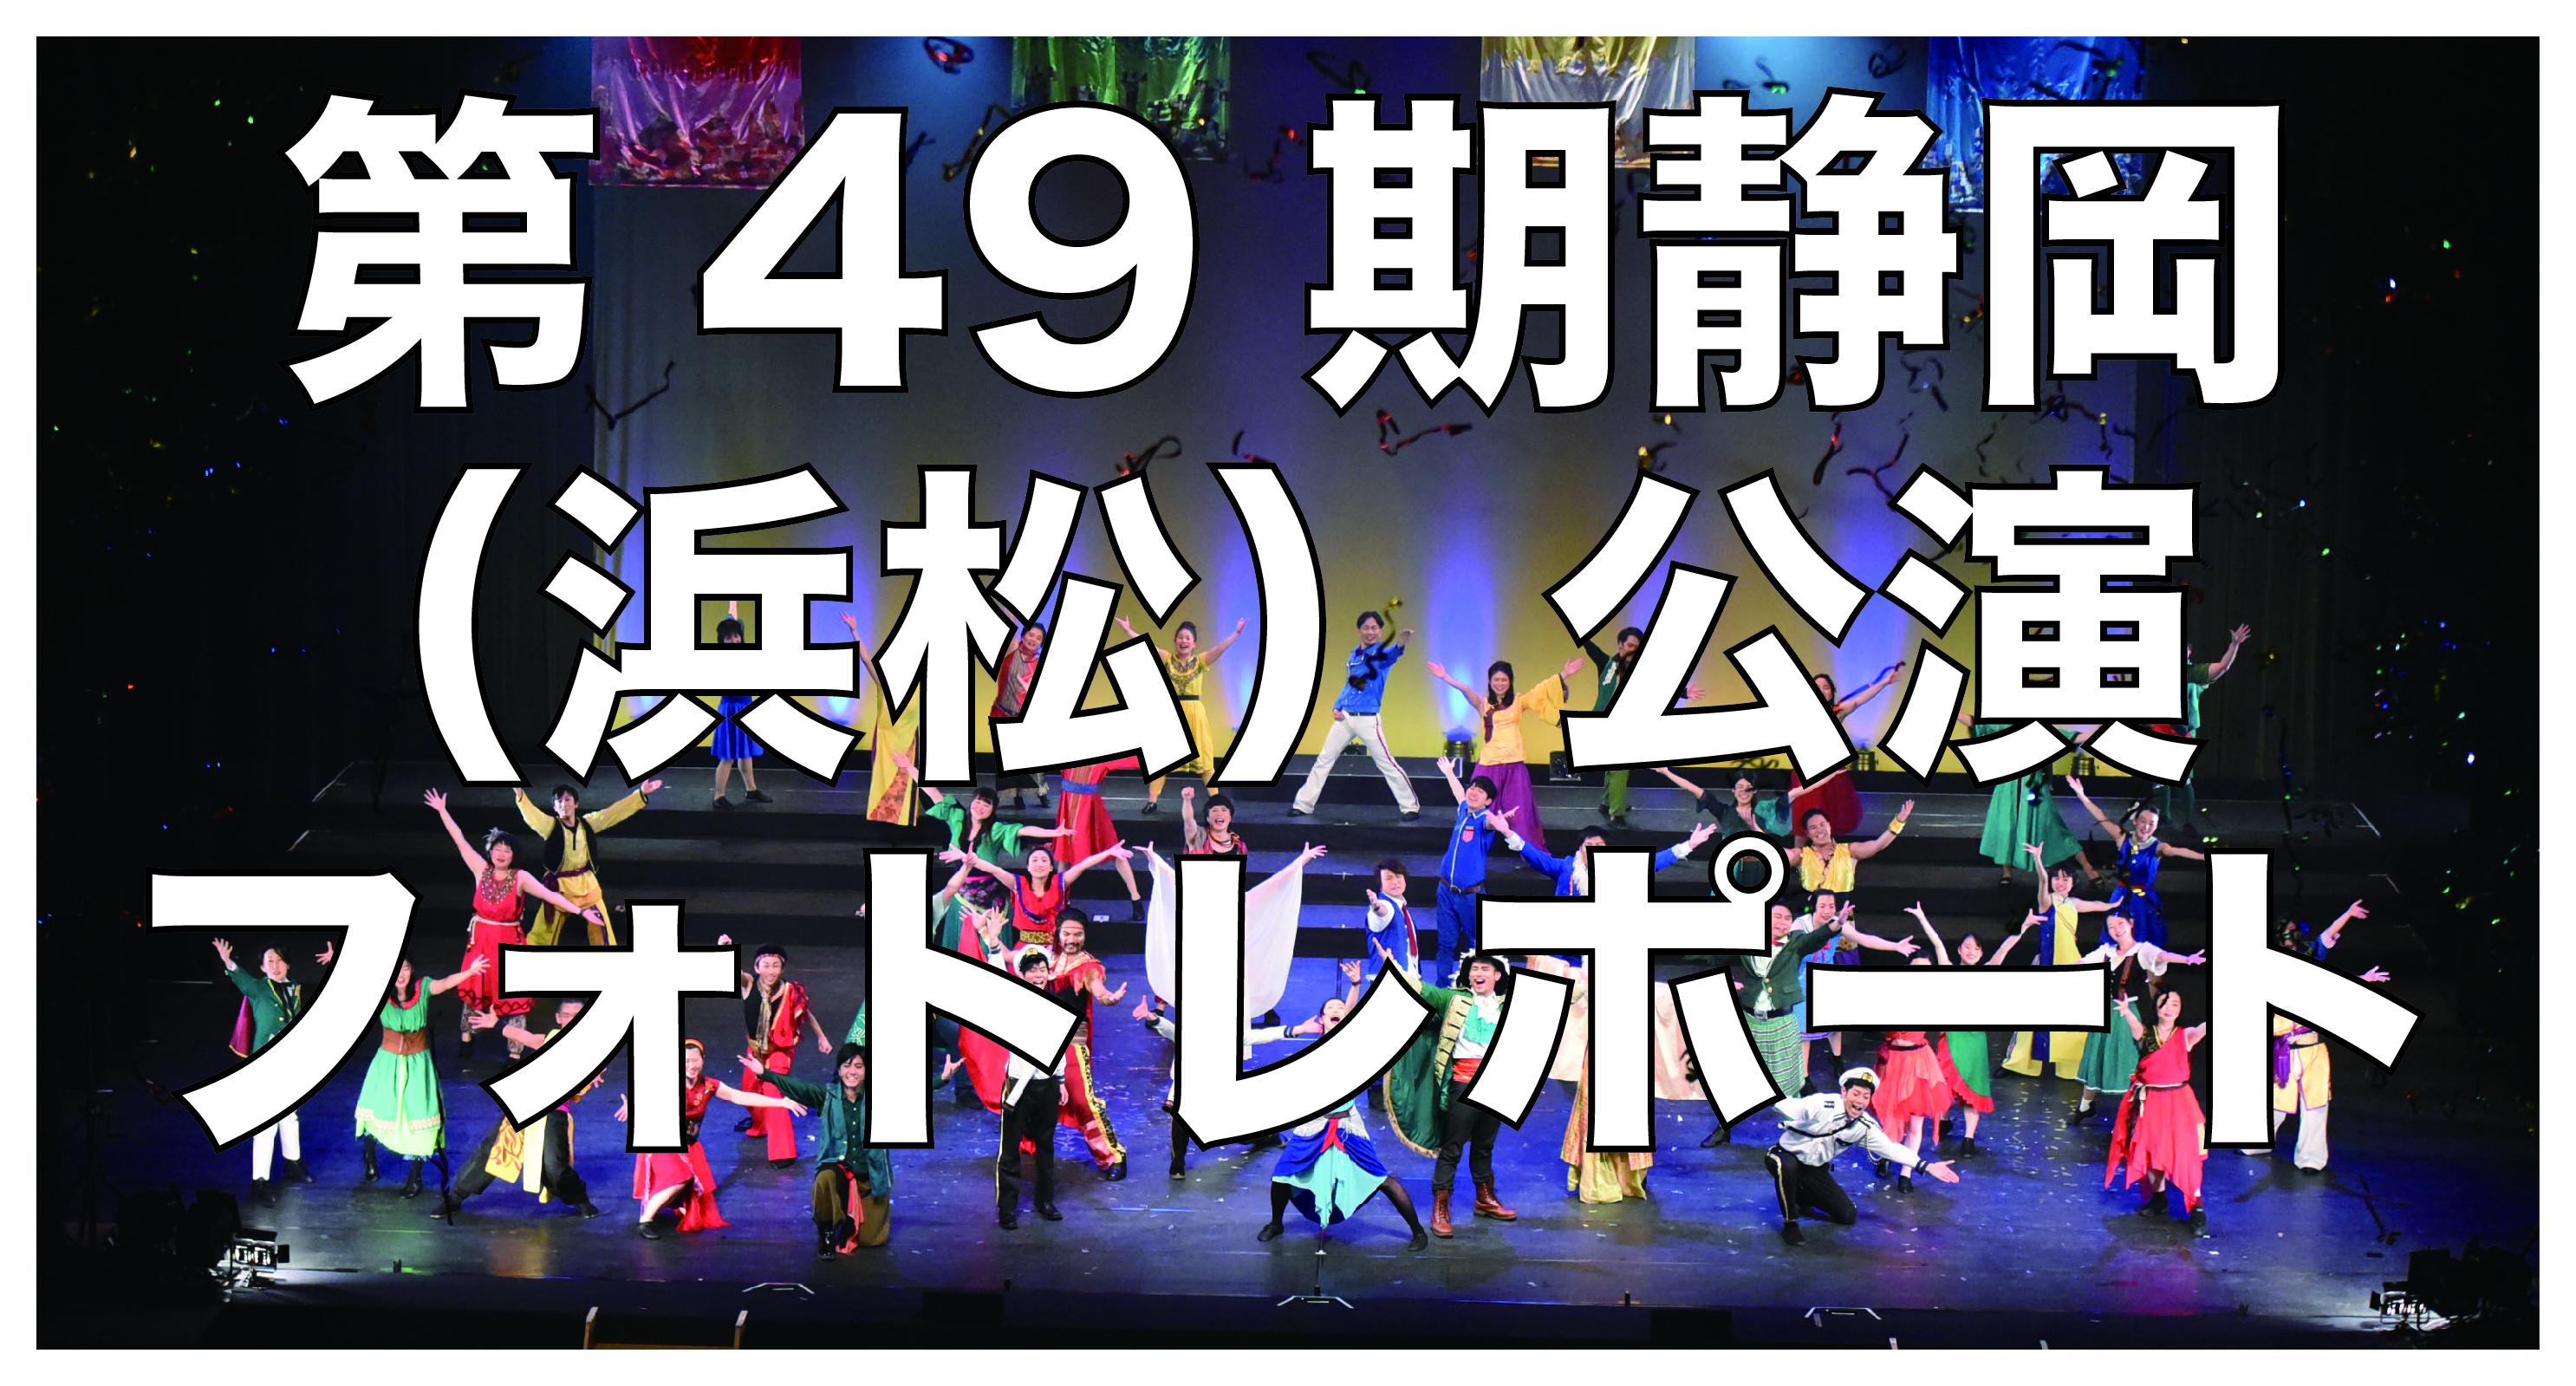 【フォトレポート】第49期静岡(浜松)公演が無事終了いたしました!